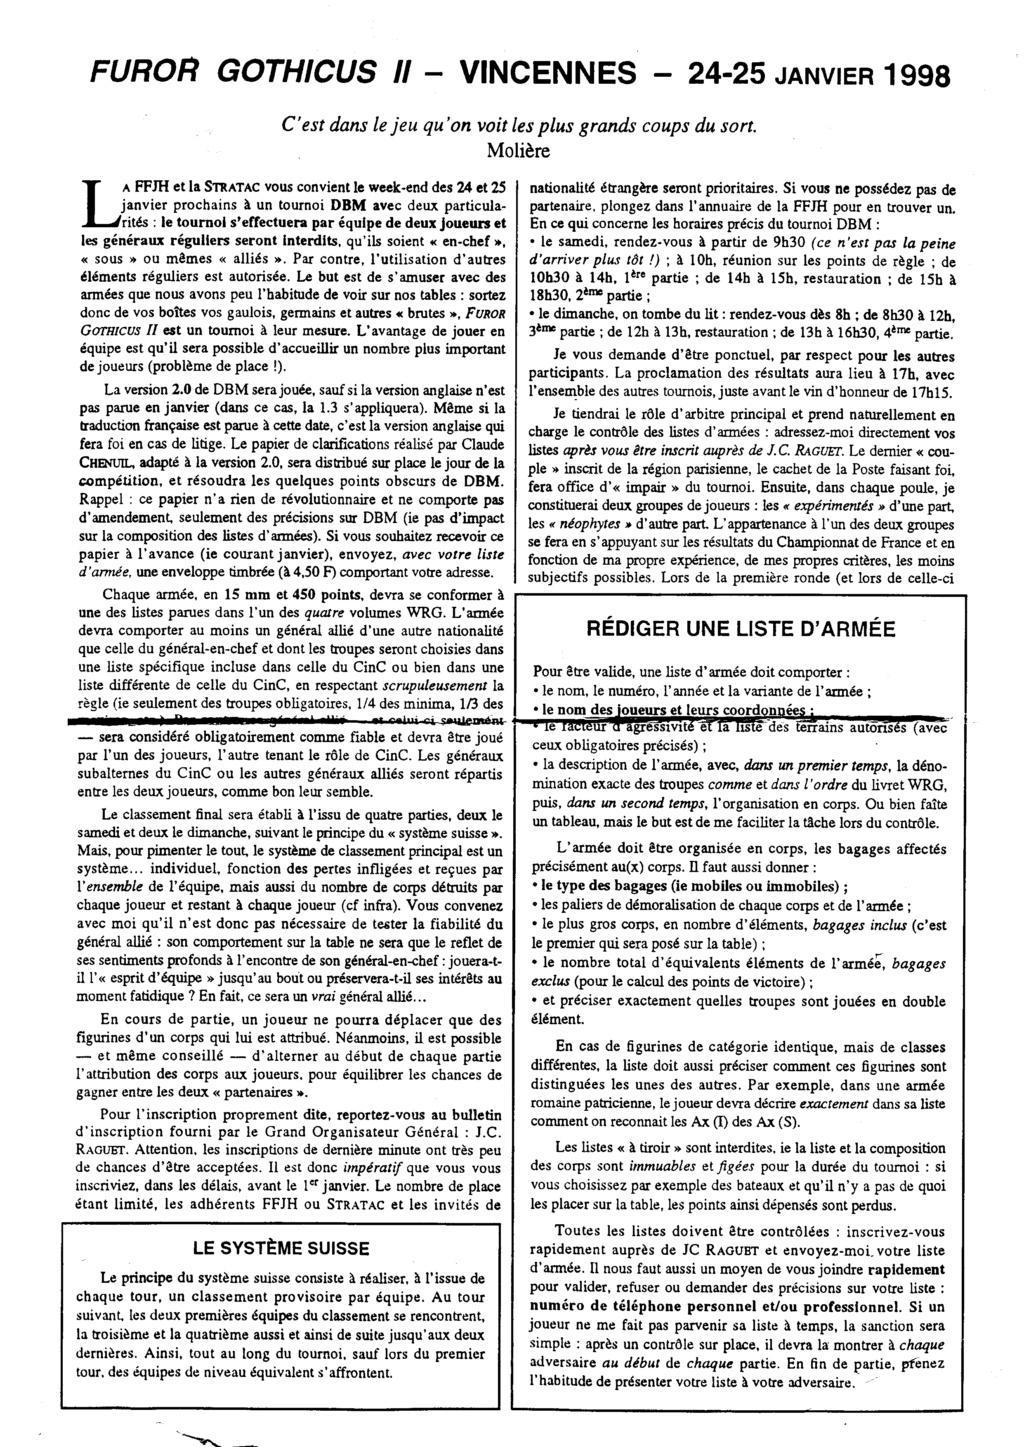 Souvenir DBM de 1998 ........  FUROR GOTHICUS II 1998-010